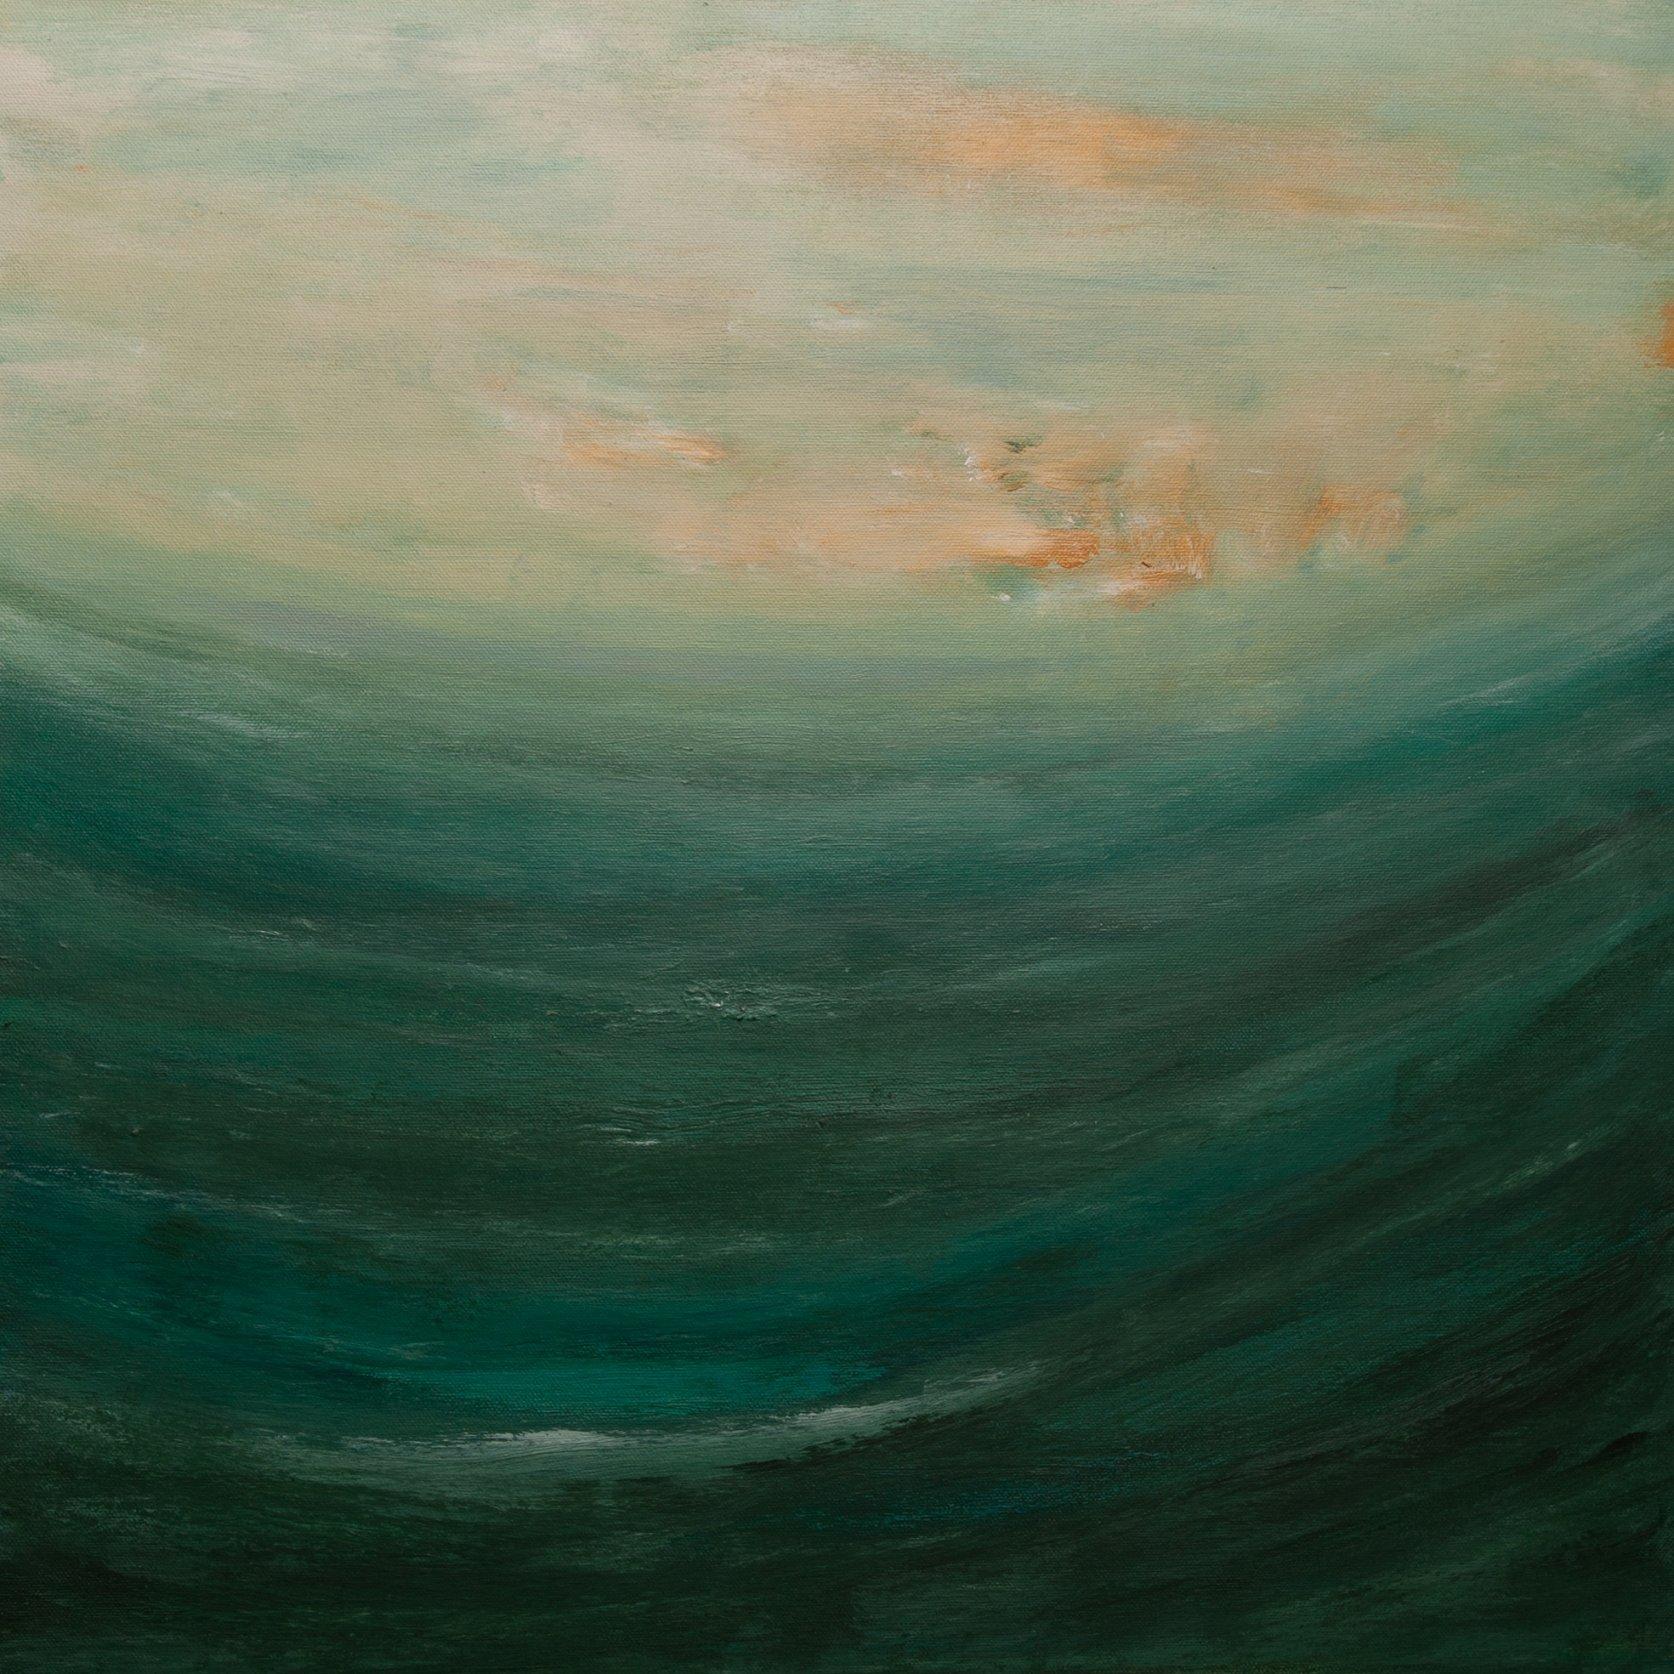 Mares (2016) - Pilar Serrano